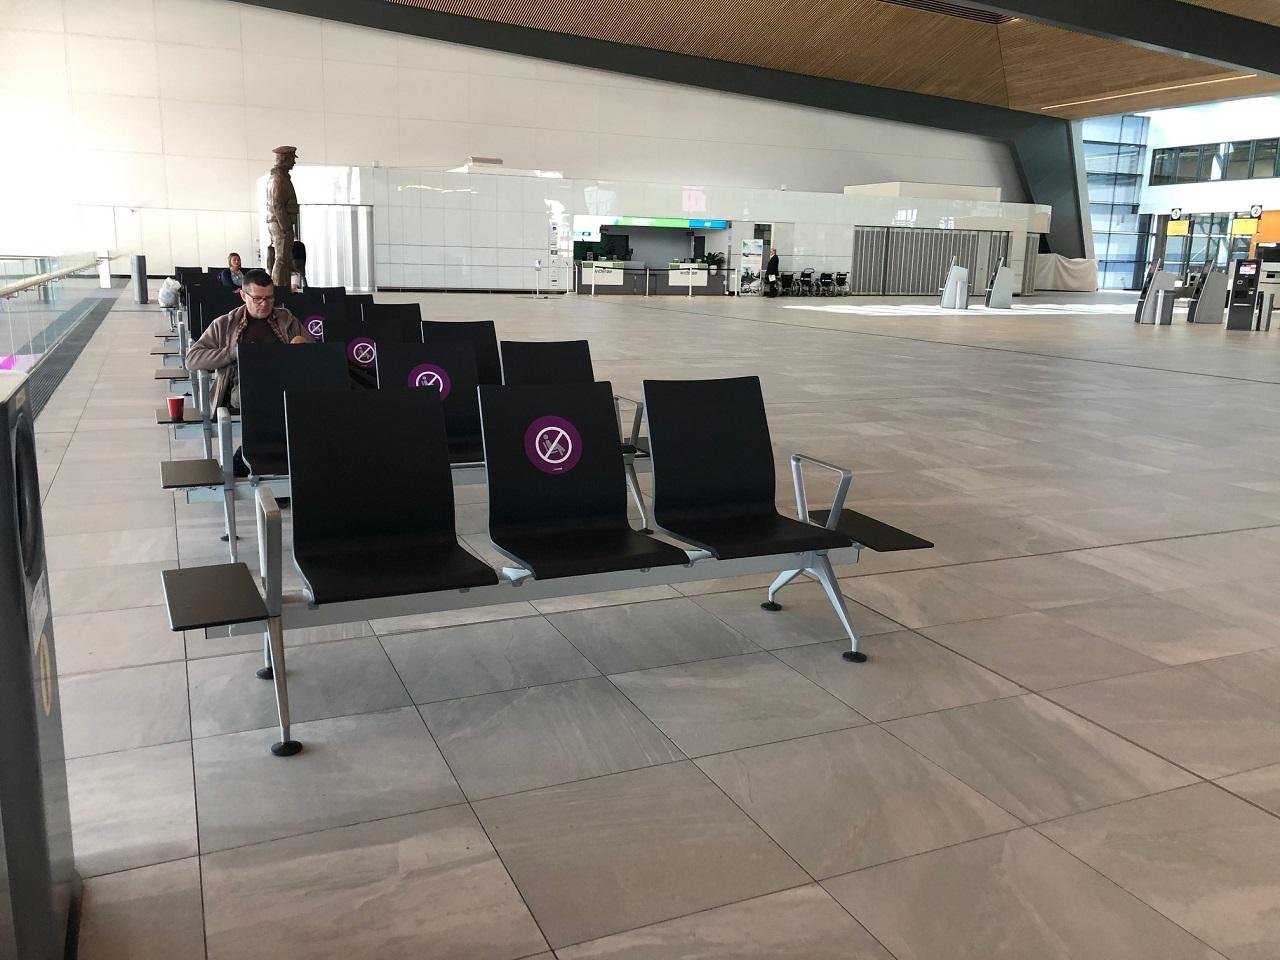 bergen lufthavn - avstand - passasjerer -flesland - avgangshall